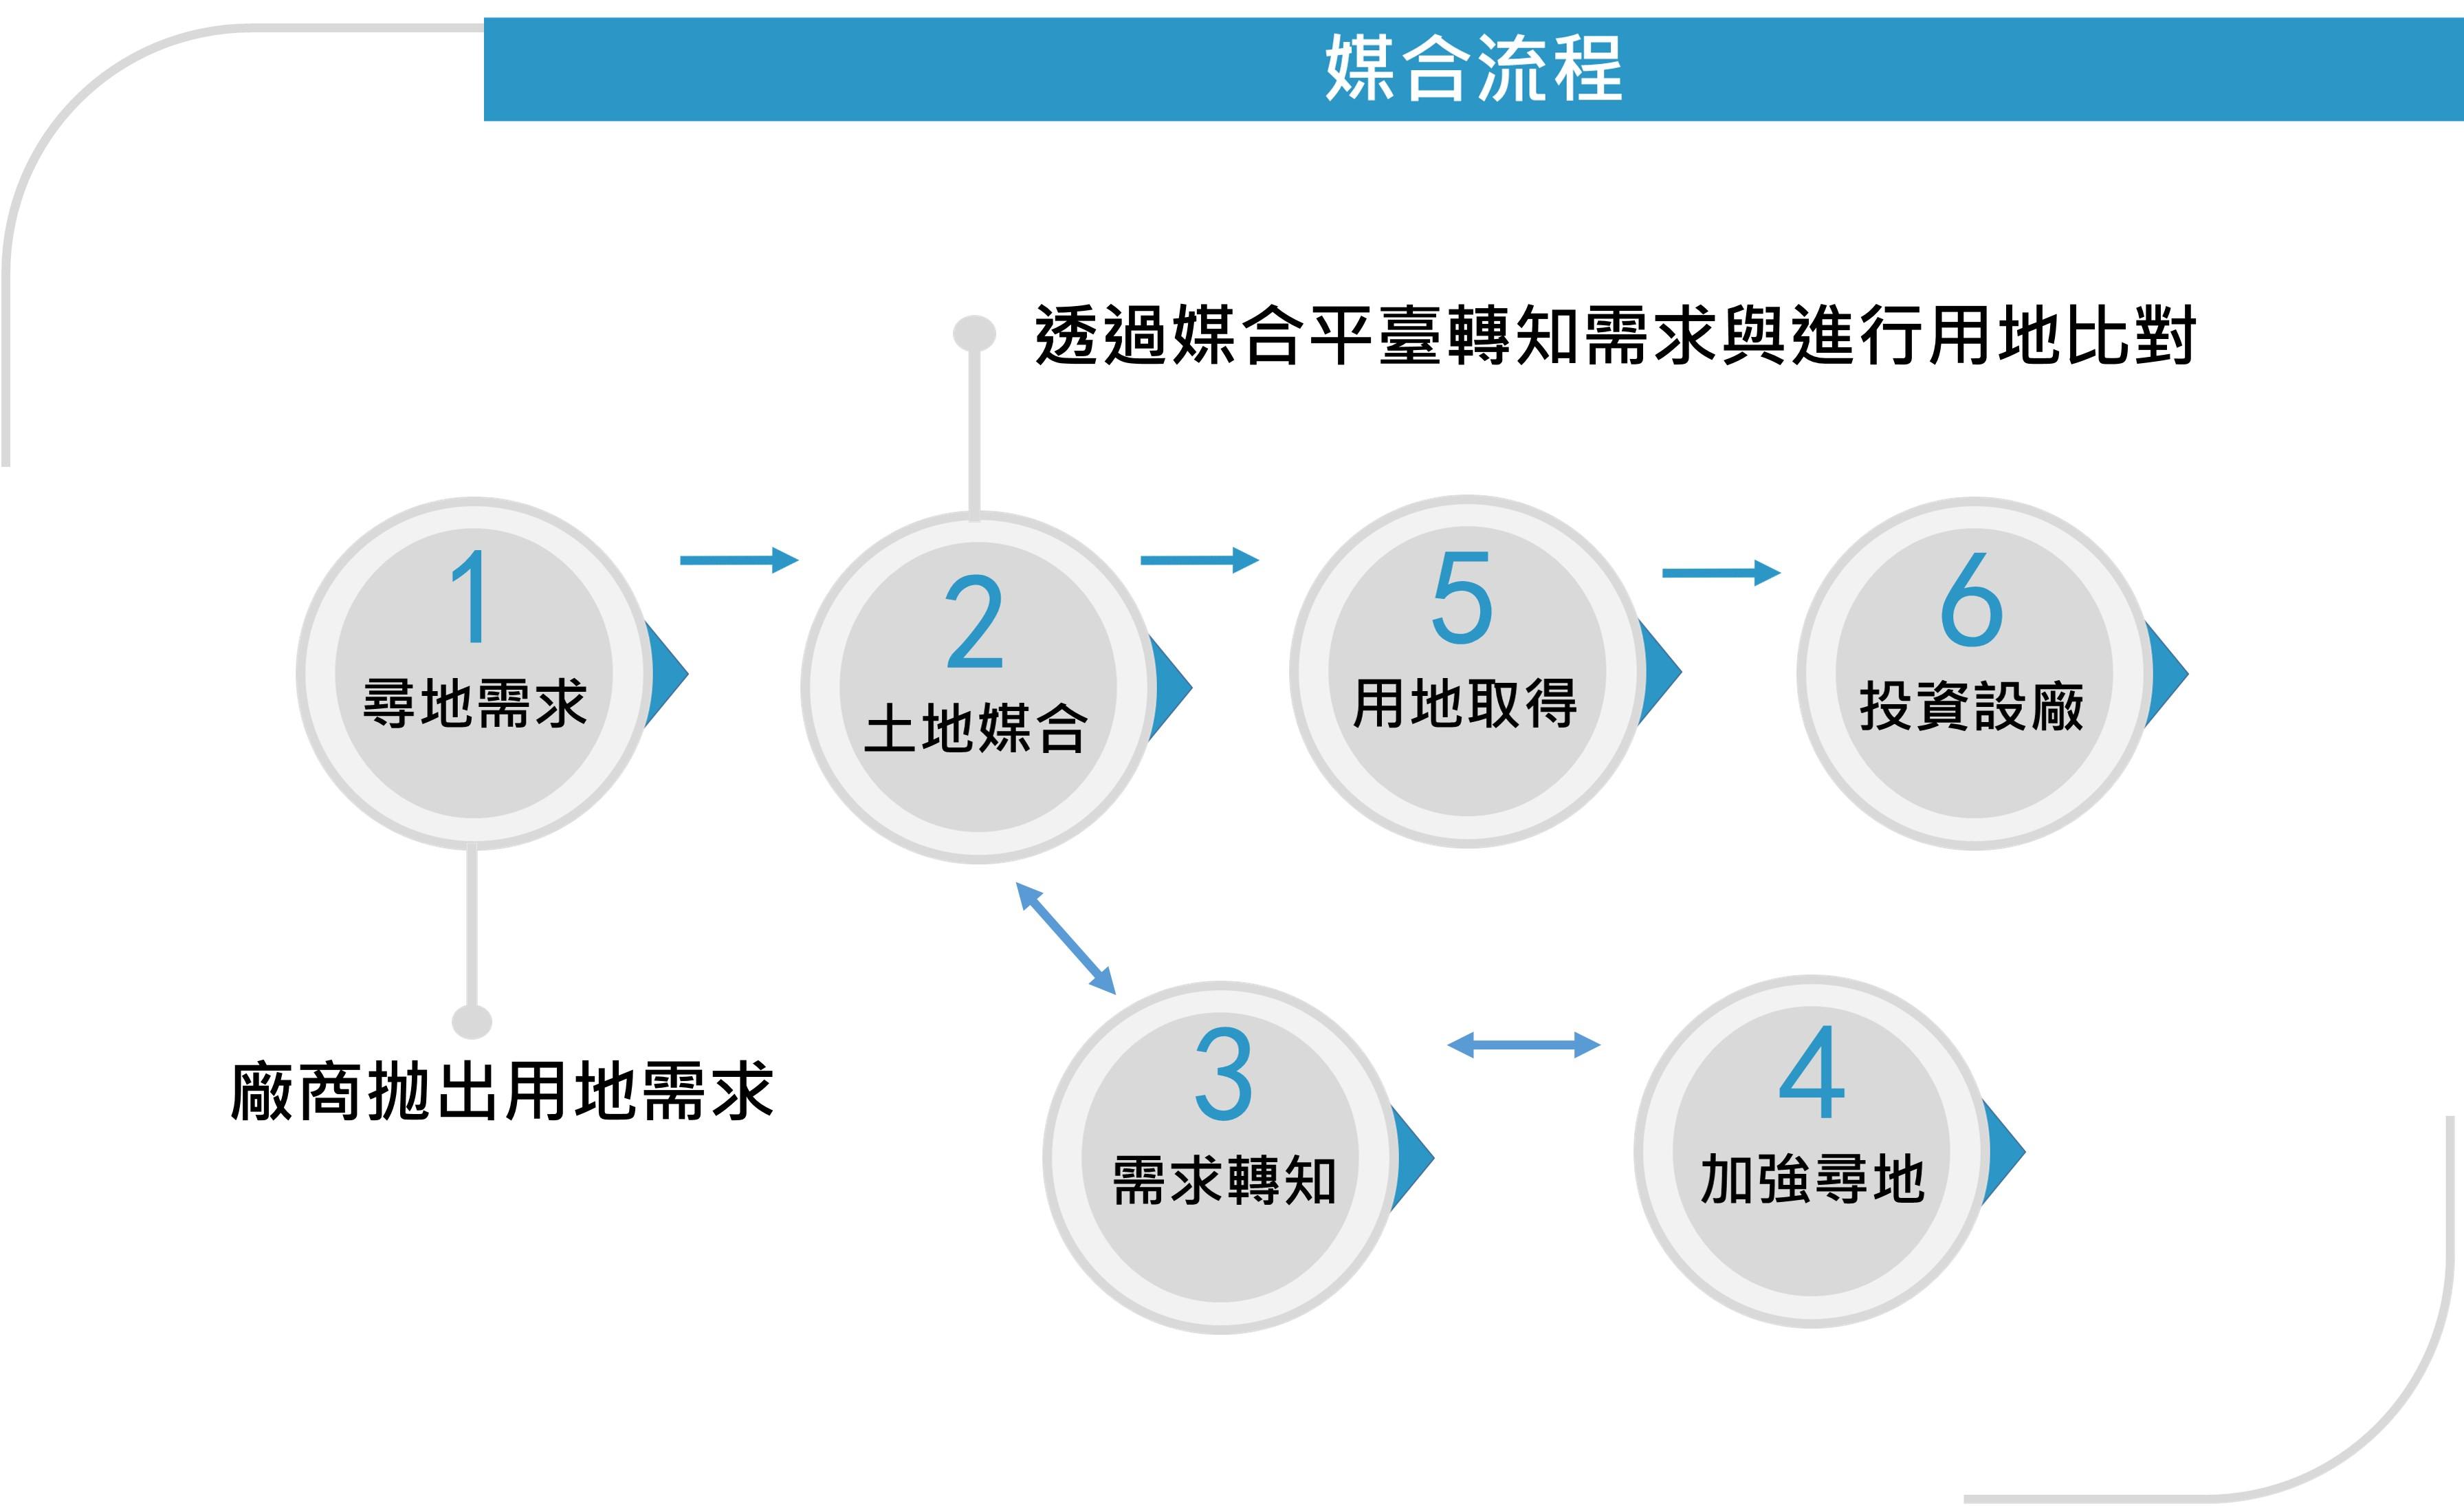 土媒流程圖